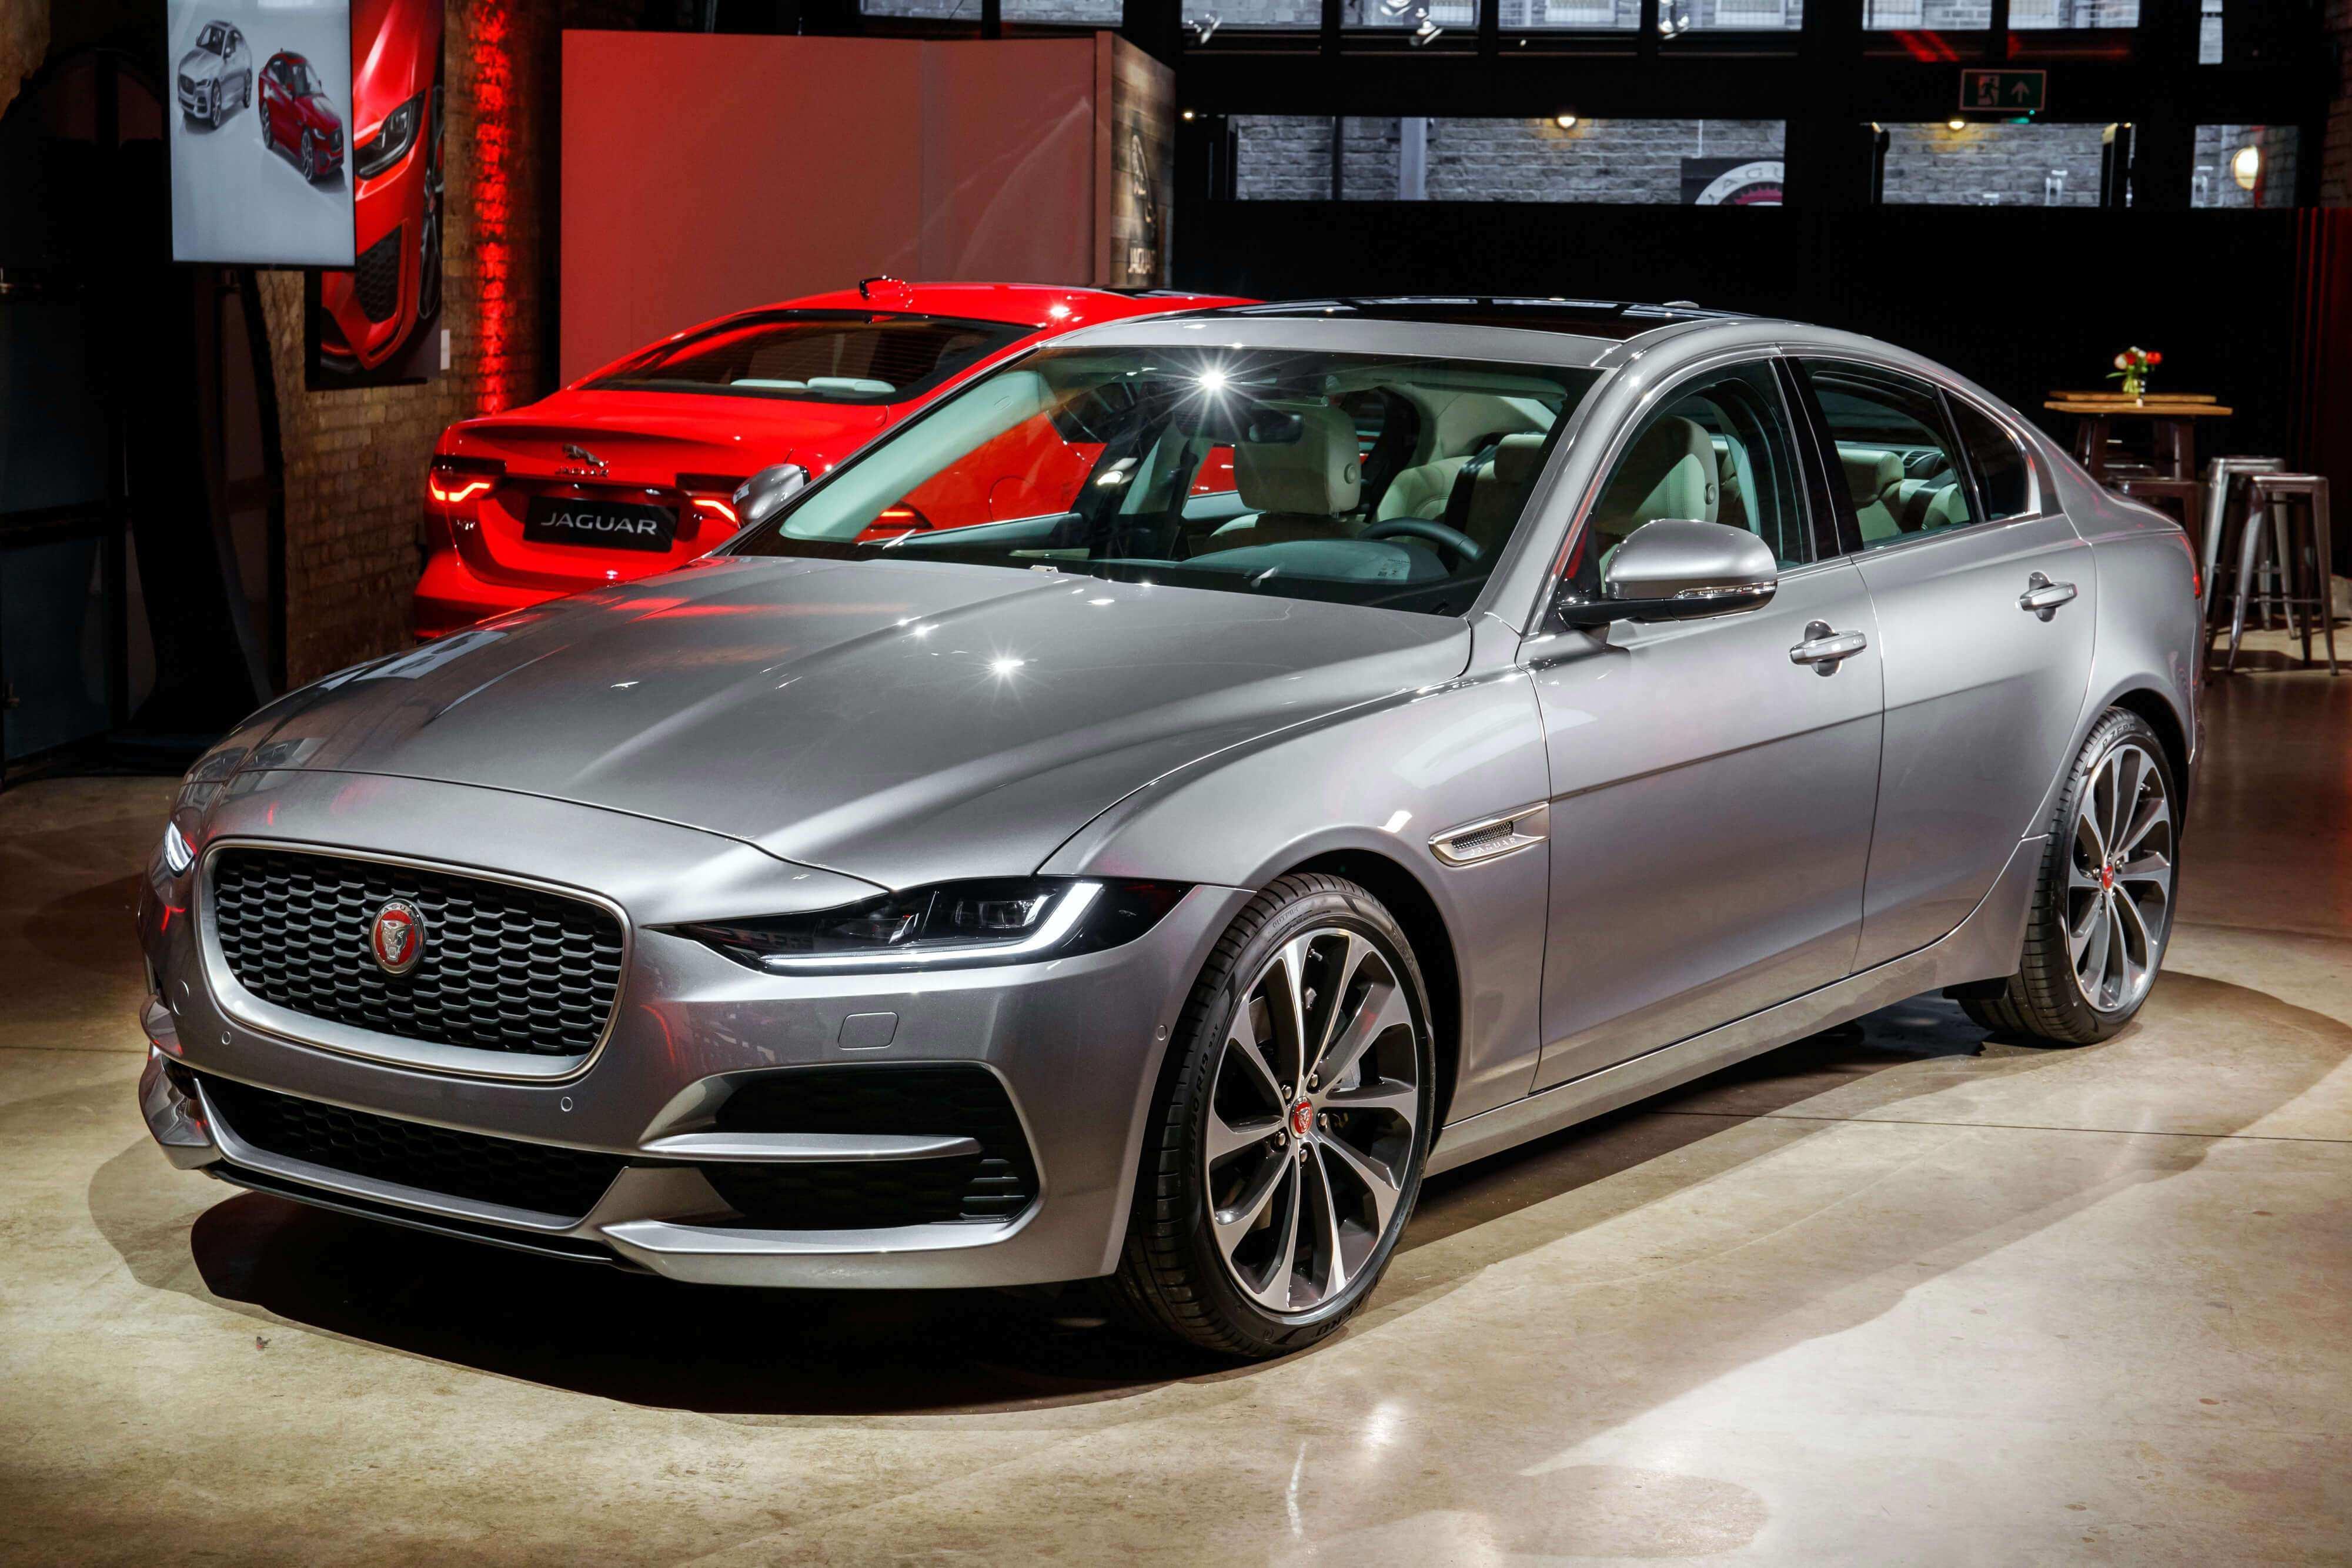 20 All New Jaguar F Pace Facelift 2020 Specs by Jaguar F Pace Facelift 2020